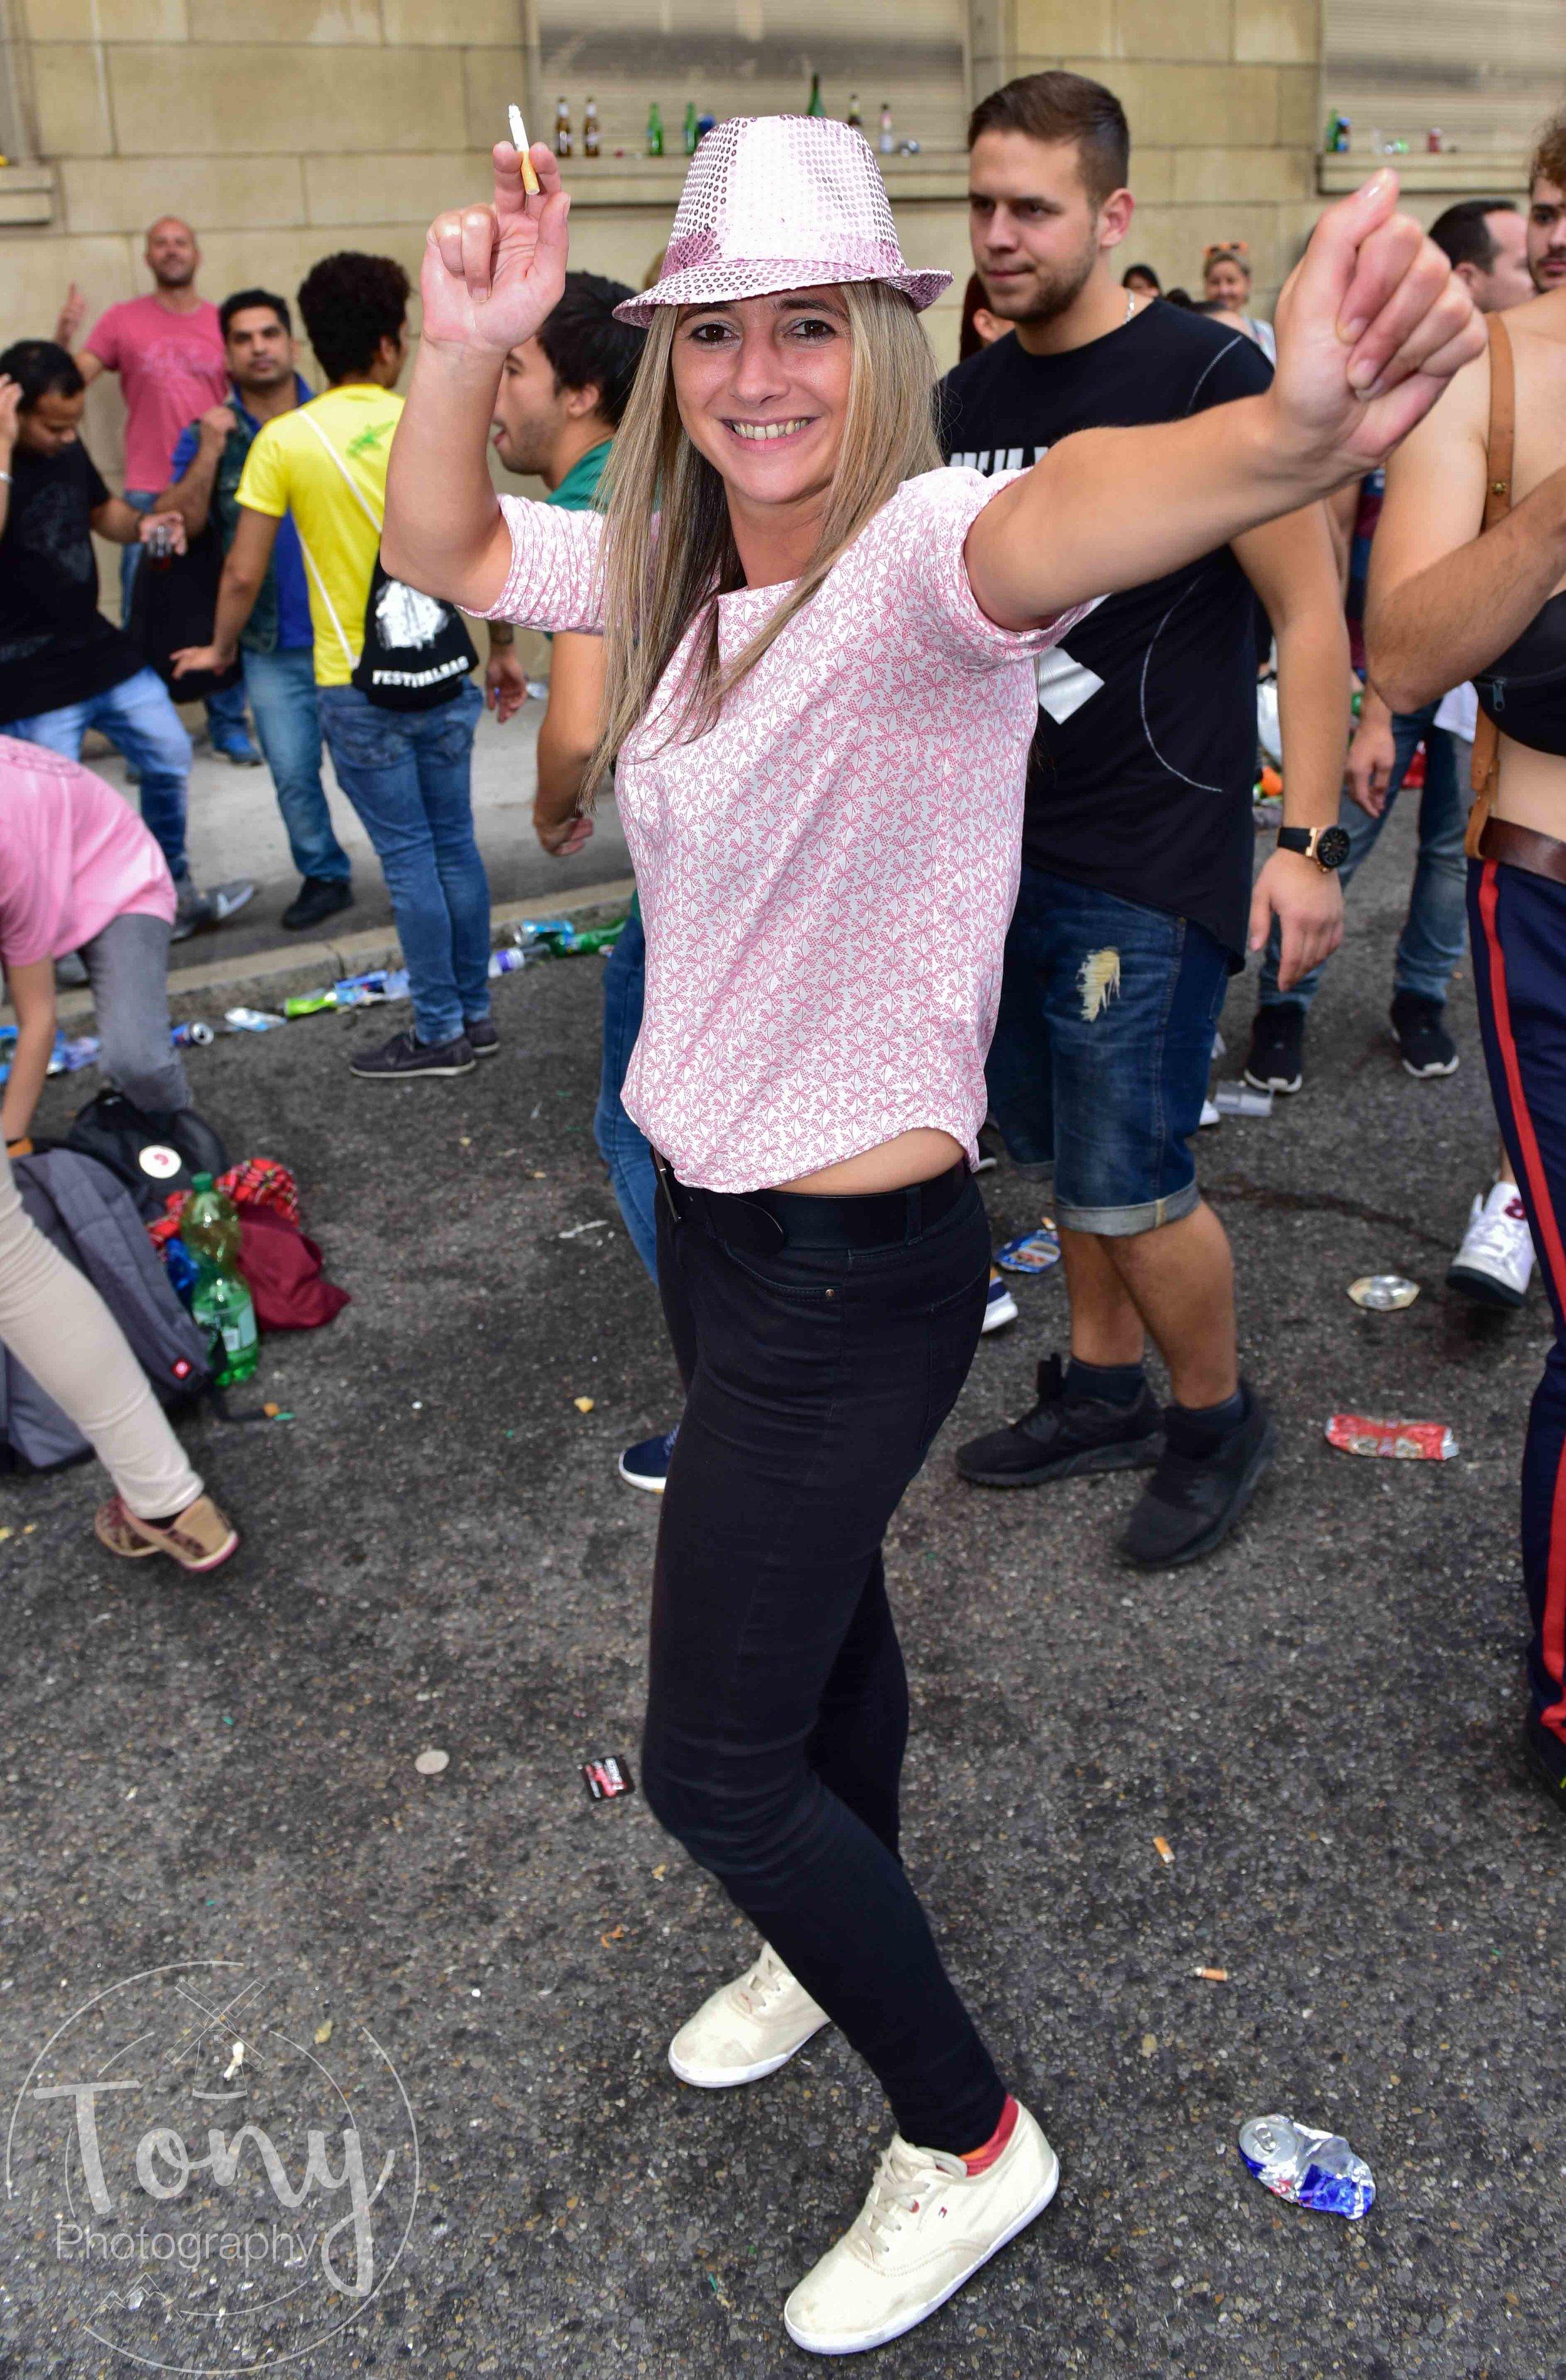 streetparade-215.jpg